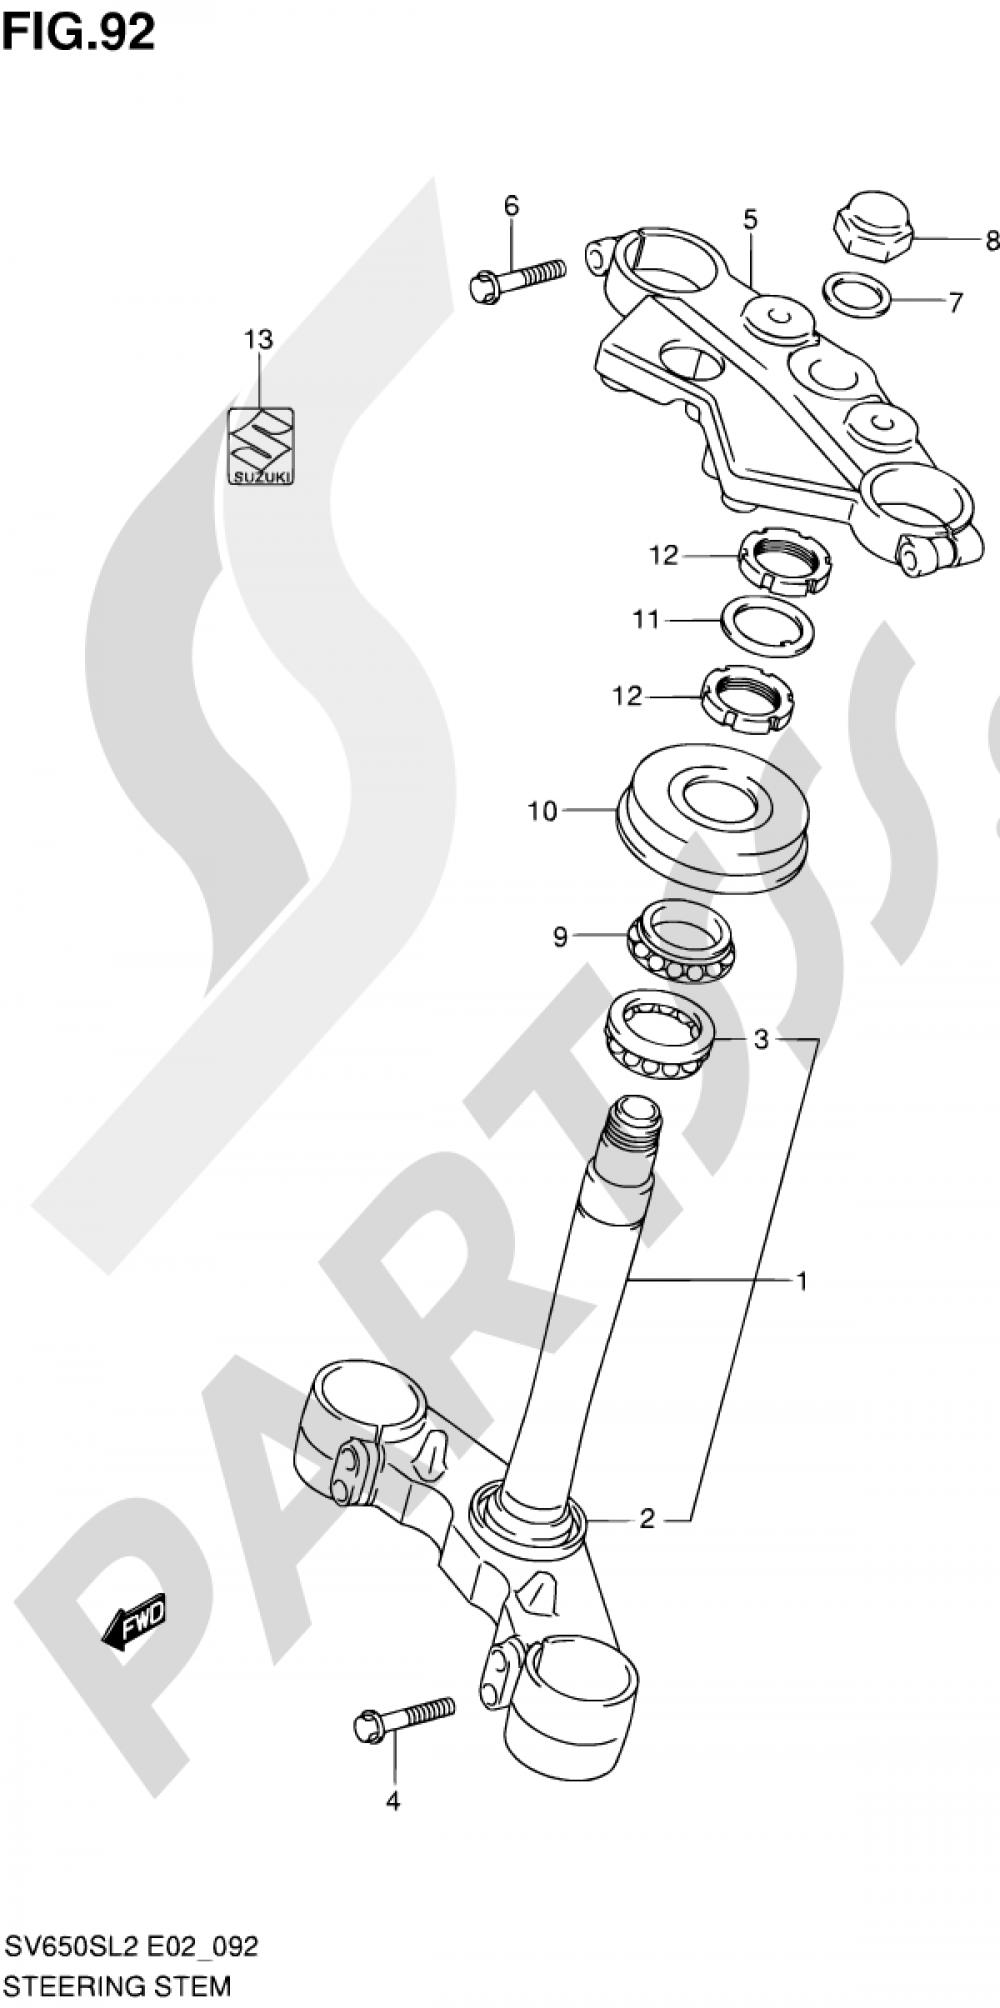 92 - STEERING STEM (SV650SAL2 E24) Suzuki SV650S 2012